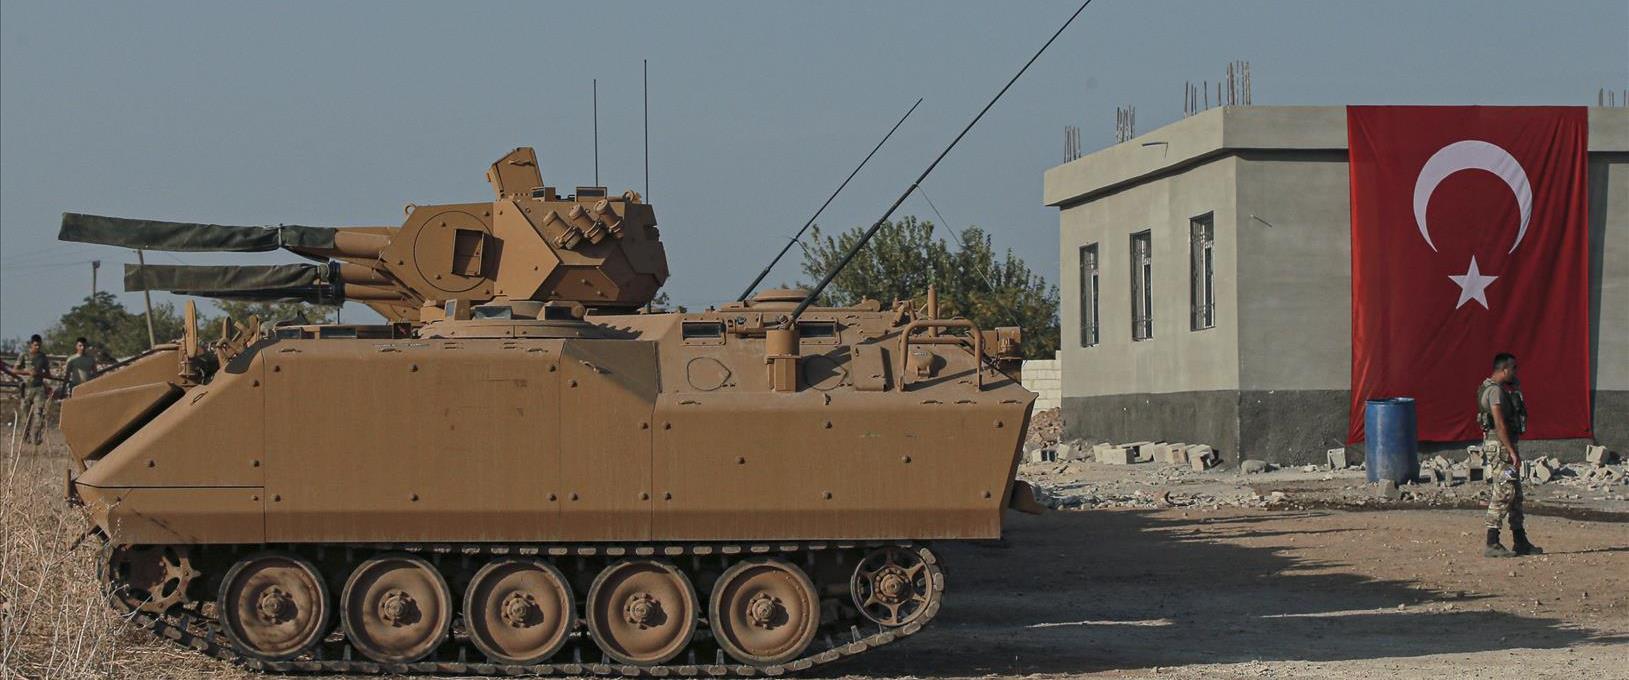 הפלישה הטורקית לסוריה